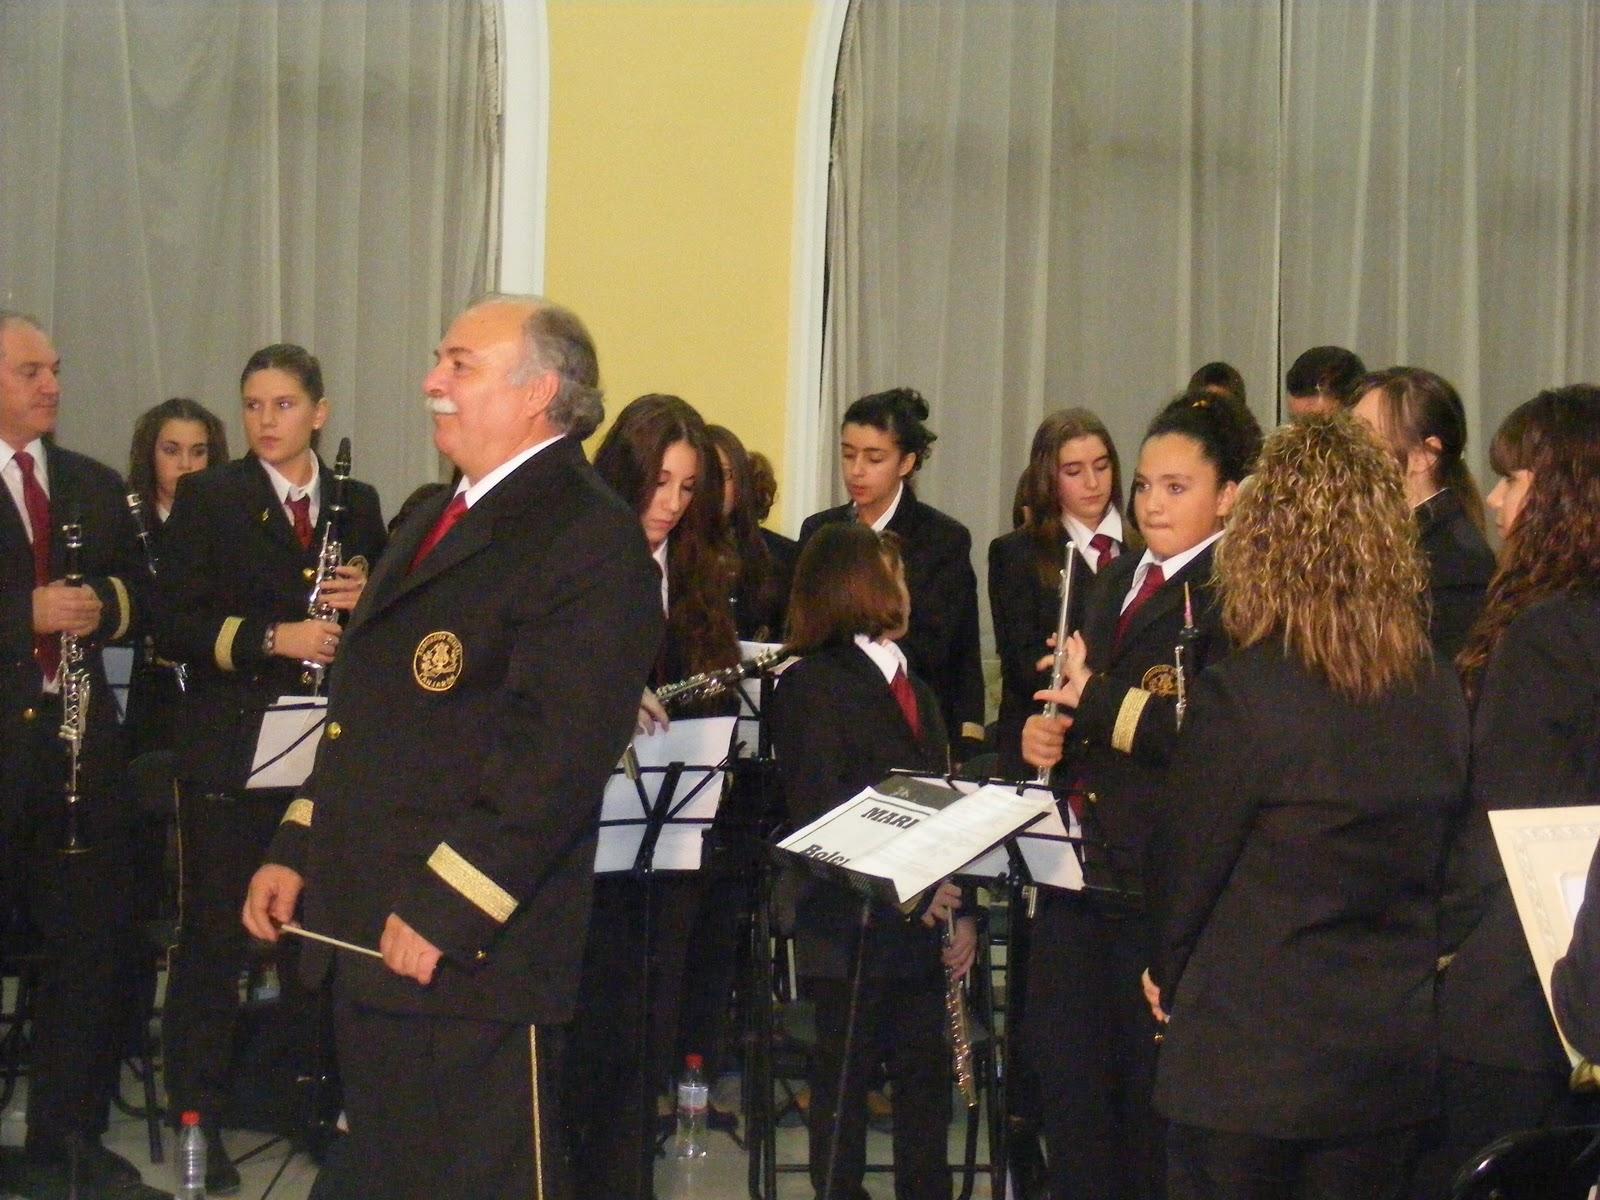 bandalanjaron: Santa Cecilia 2011 - 3ª parte - CONCIERTO